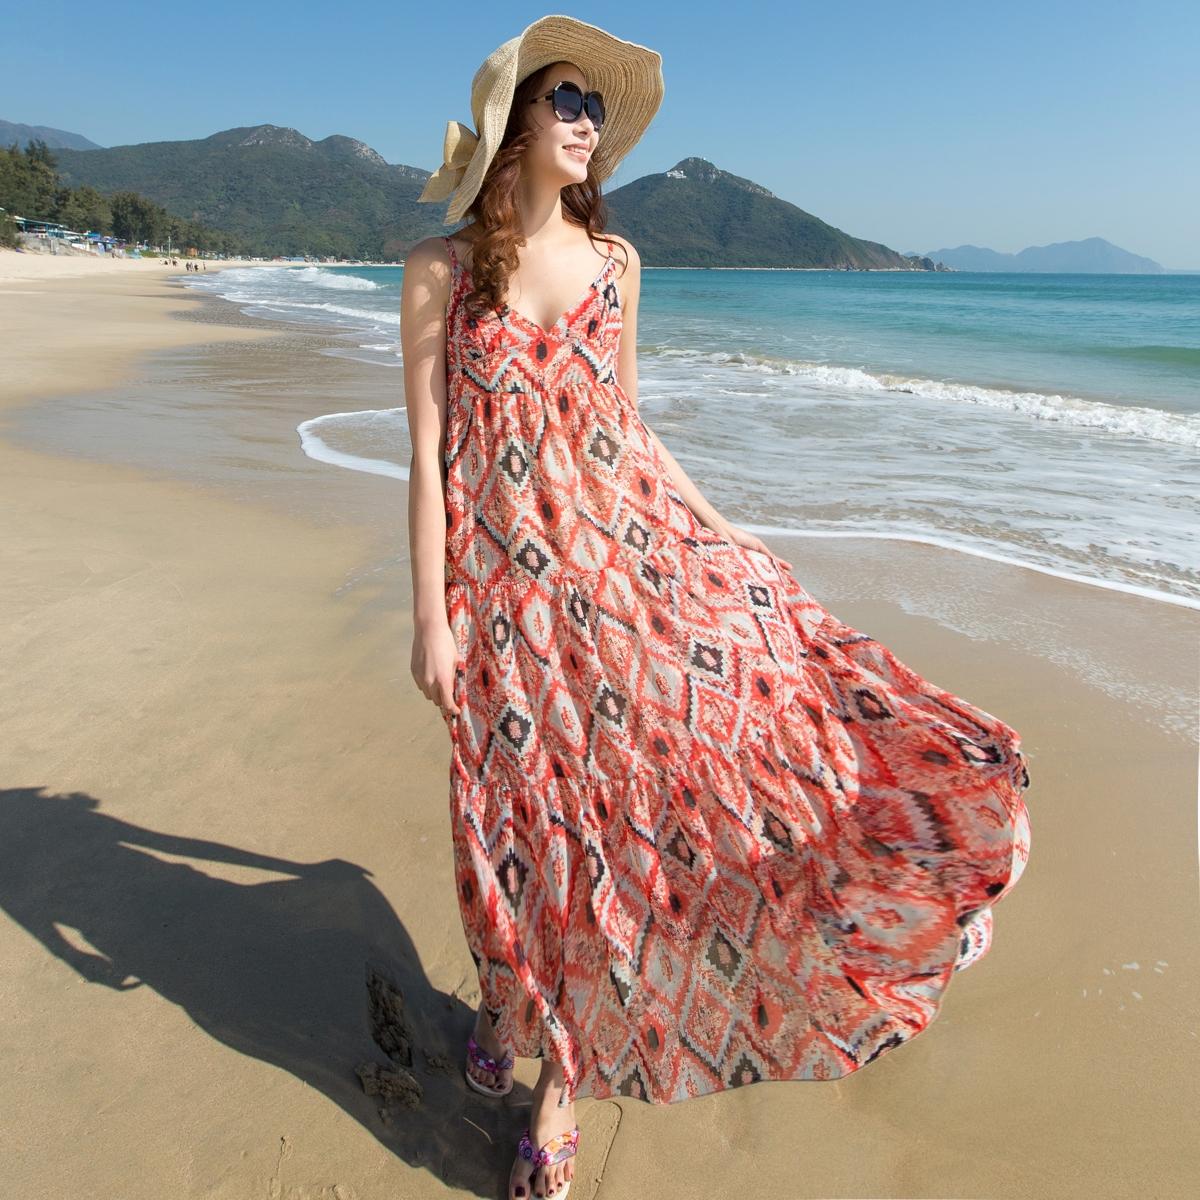 雪纺吊带连衣裙 新款夏季度假长裙波西米亚雪纺连衣裙花色吊带沙滩裙_推荐淘宝好看的雪纺吊带连衣裙